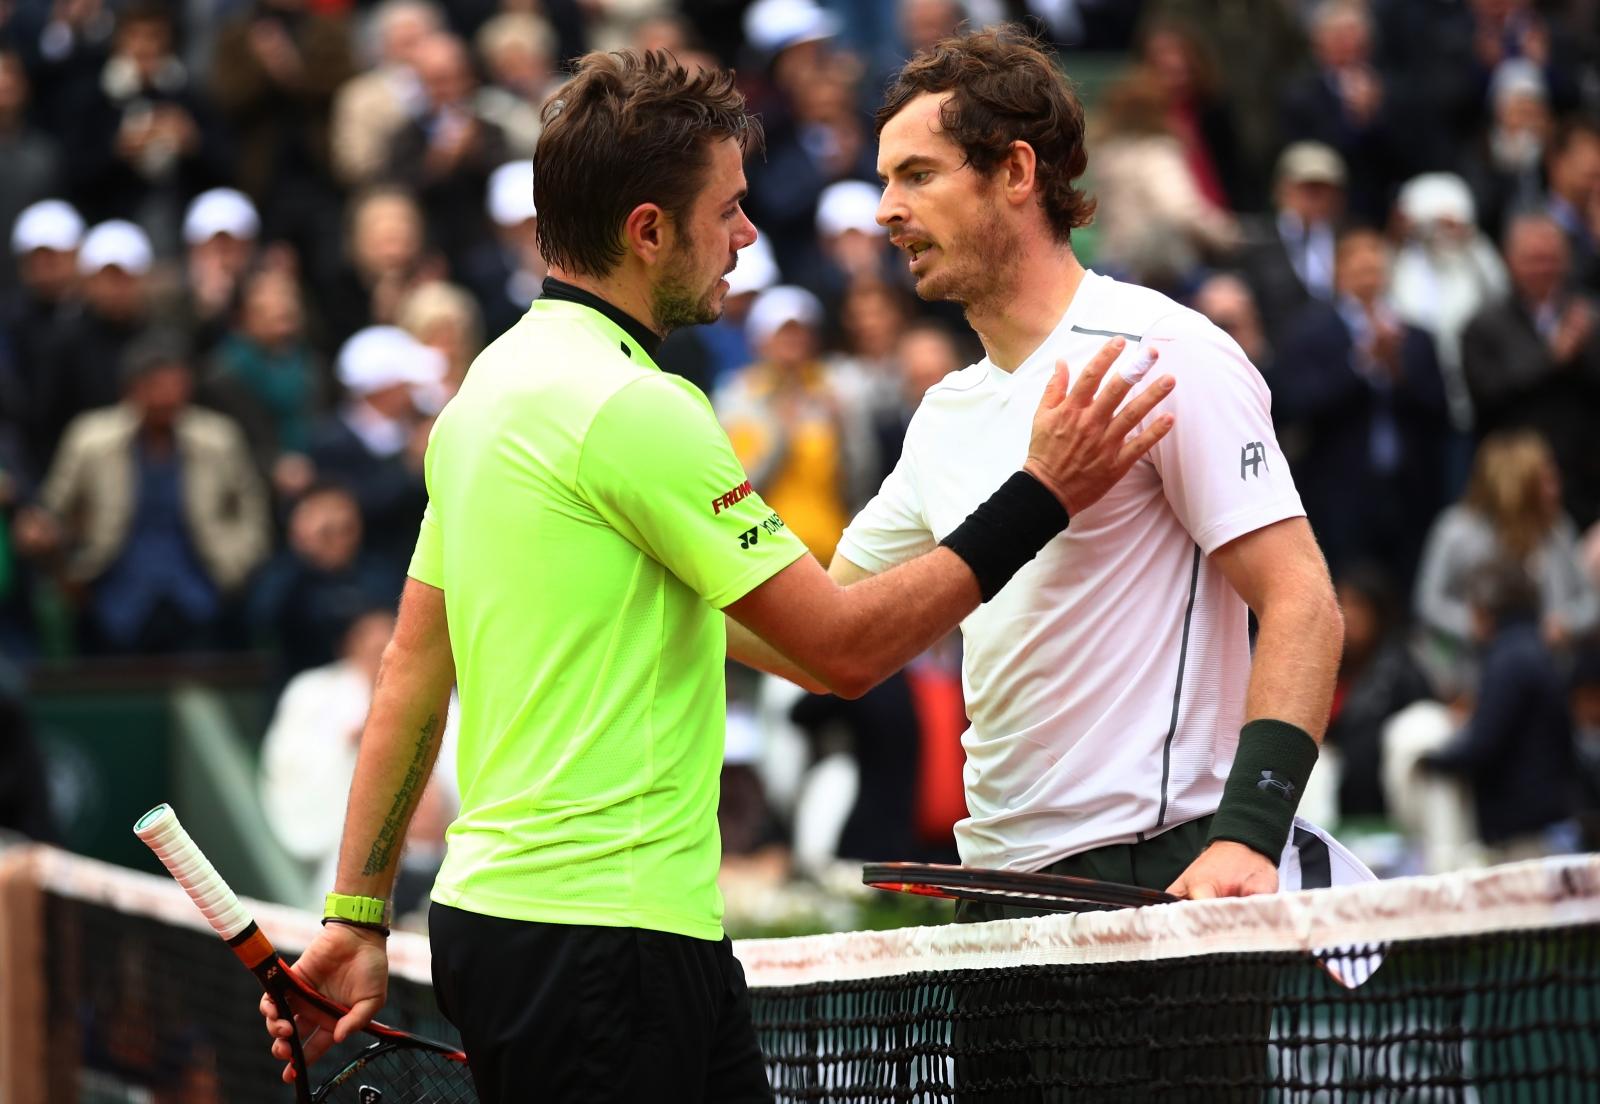 Stanislas Wawrinka and Andy Murray